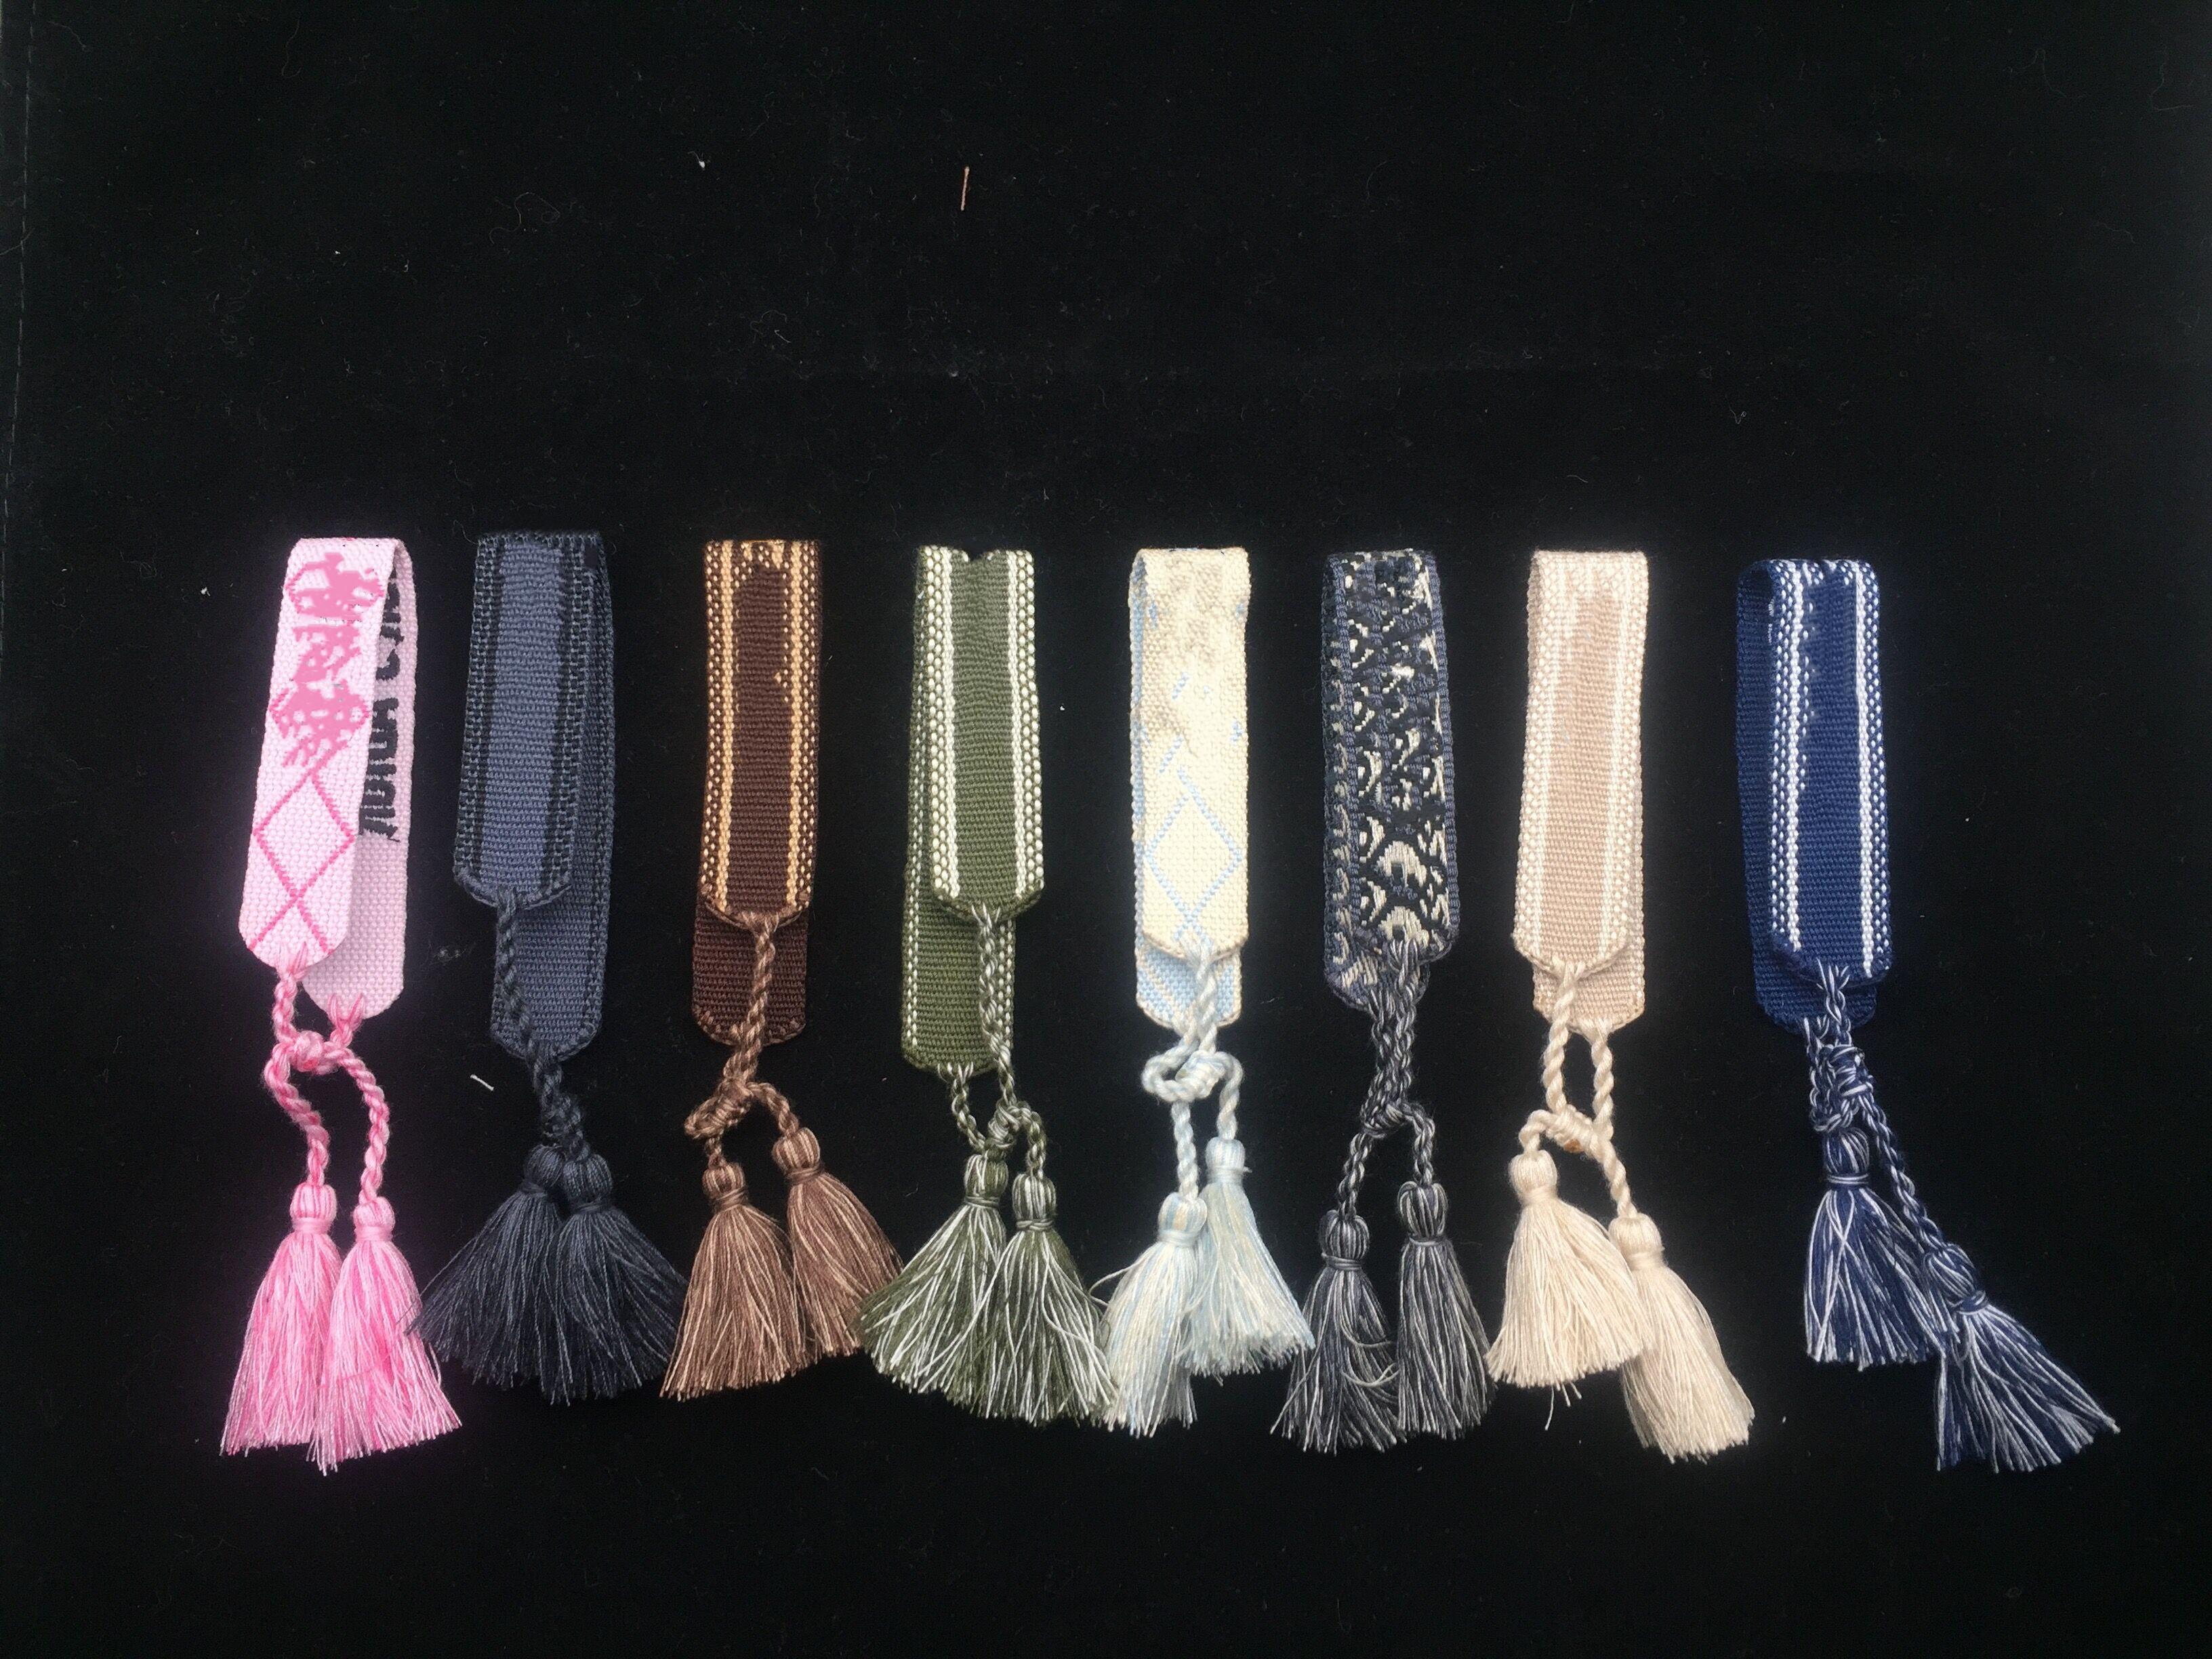 Nuevo tejido de algodón bordado de la borla de la borla del brazalete con cordones pulseras ajustables Festival Joyería de diseñador de la marca